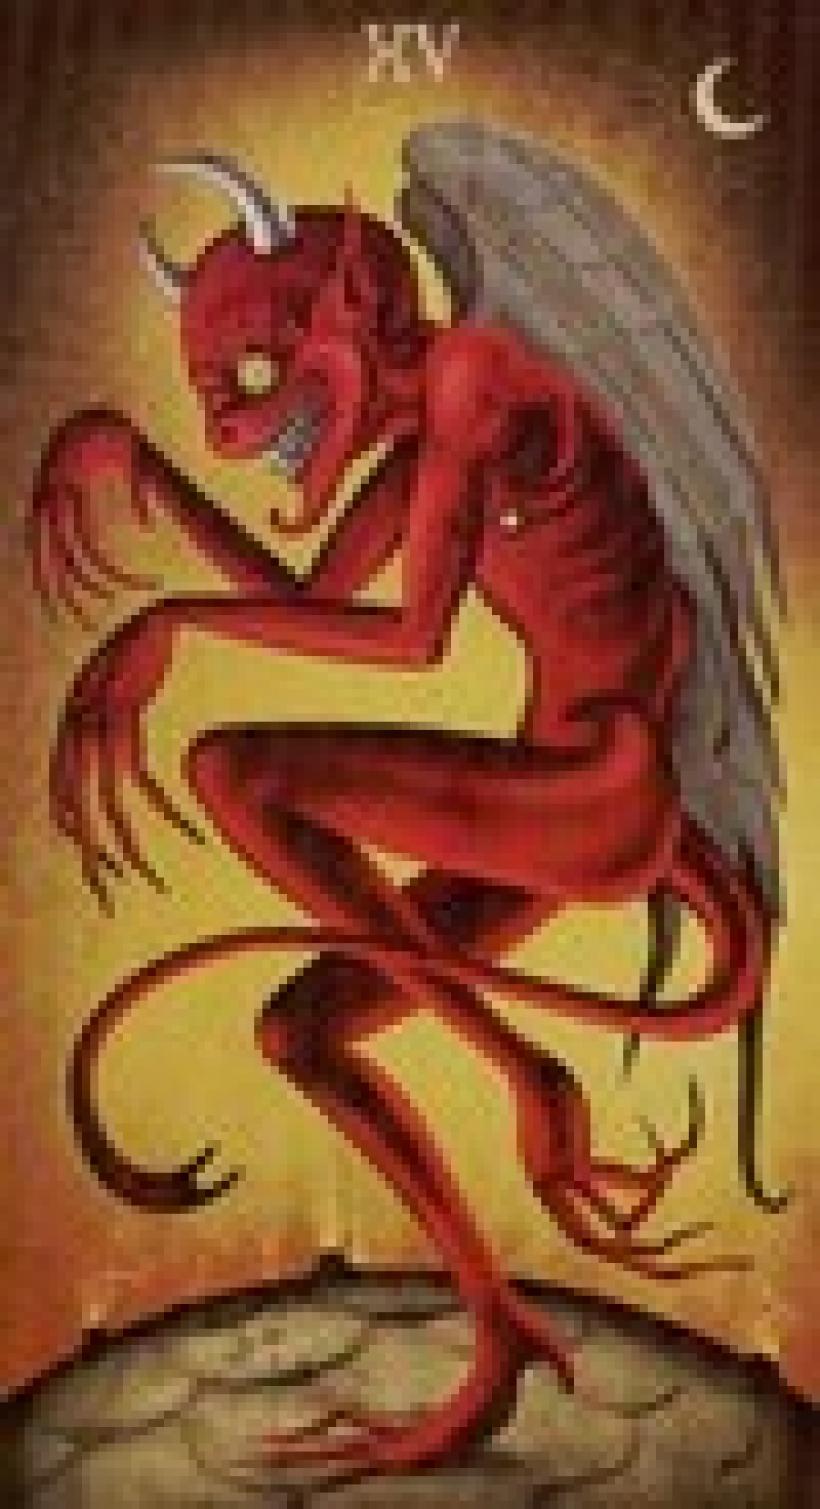 Порча на смерть с помощью черной магии одна из самых опасных